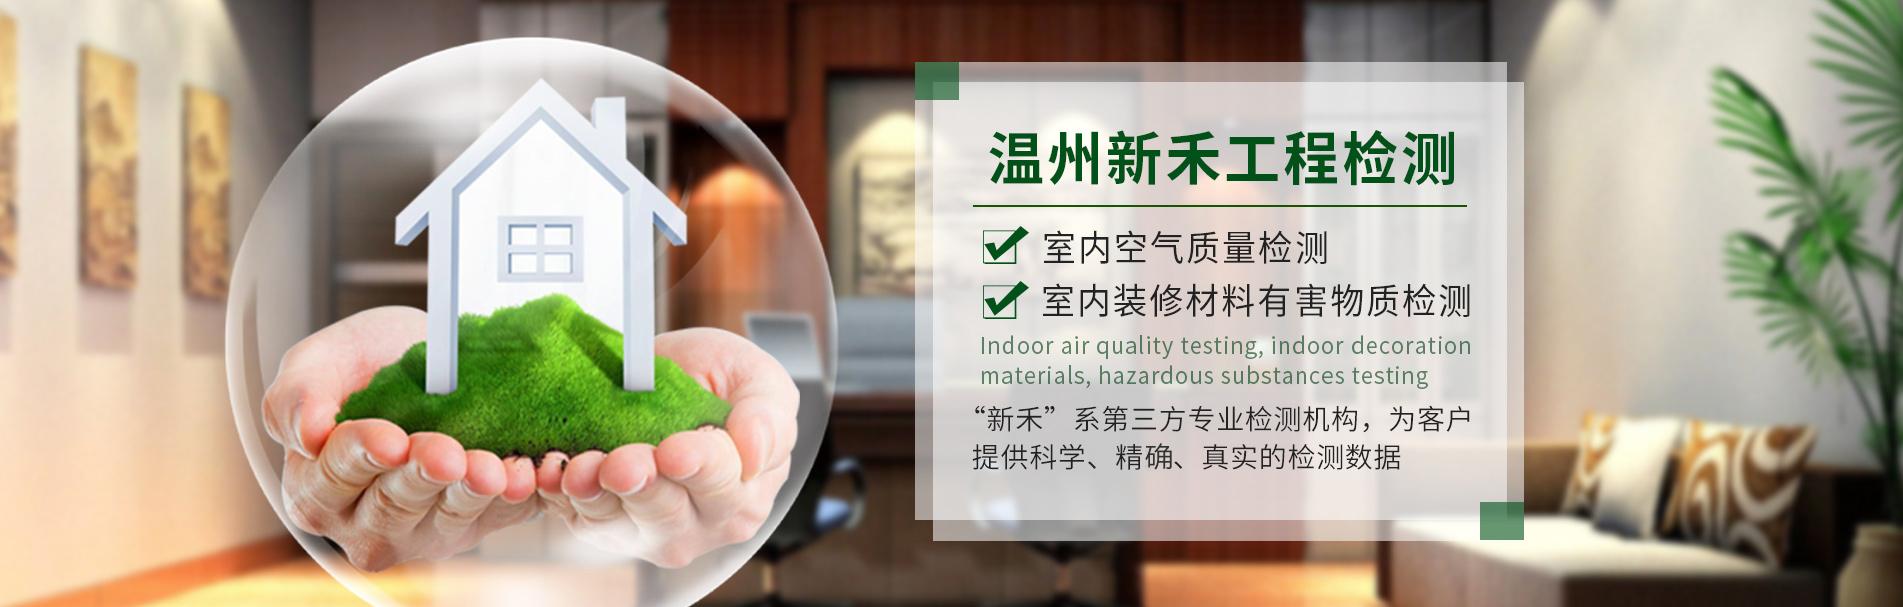 溫州新禾工程檢測有限公司